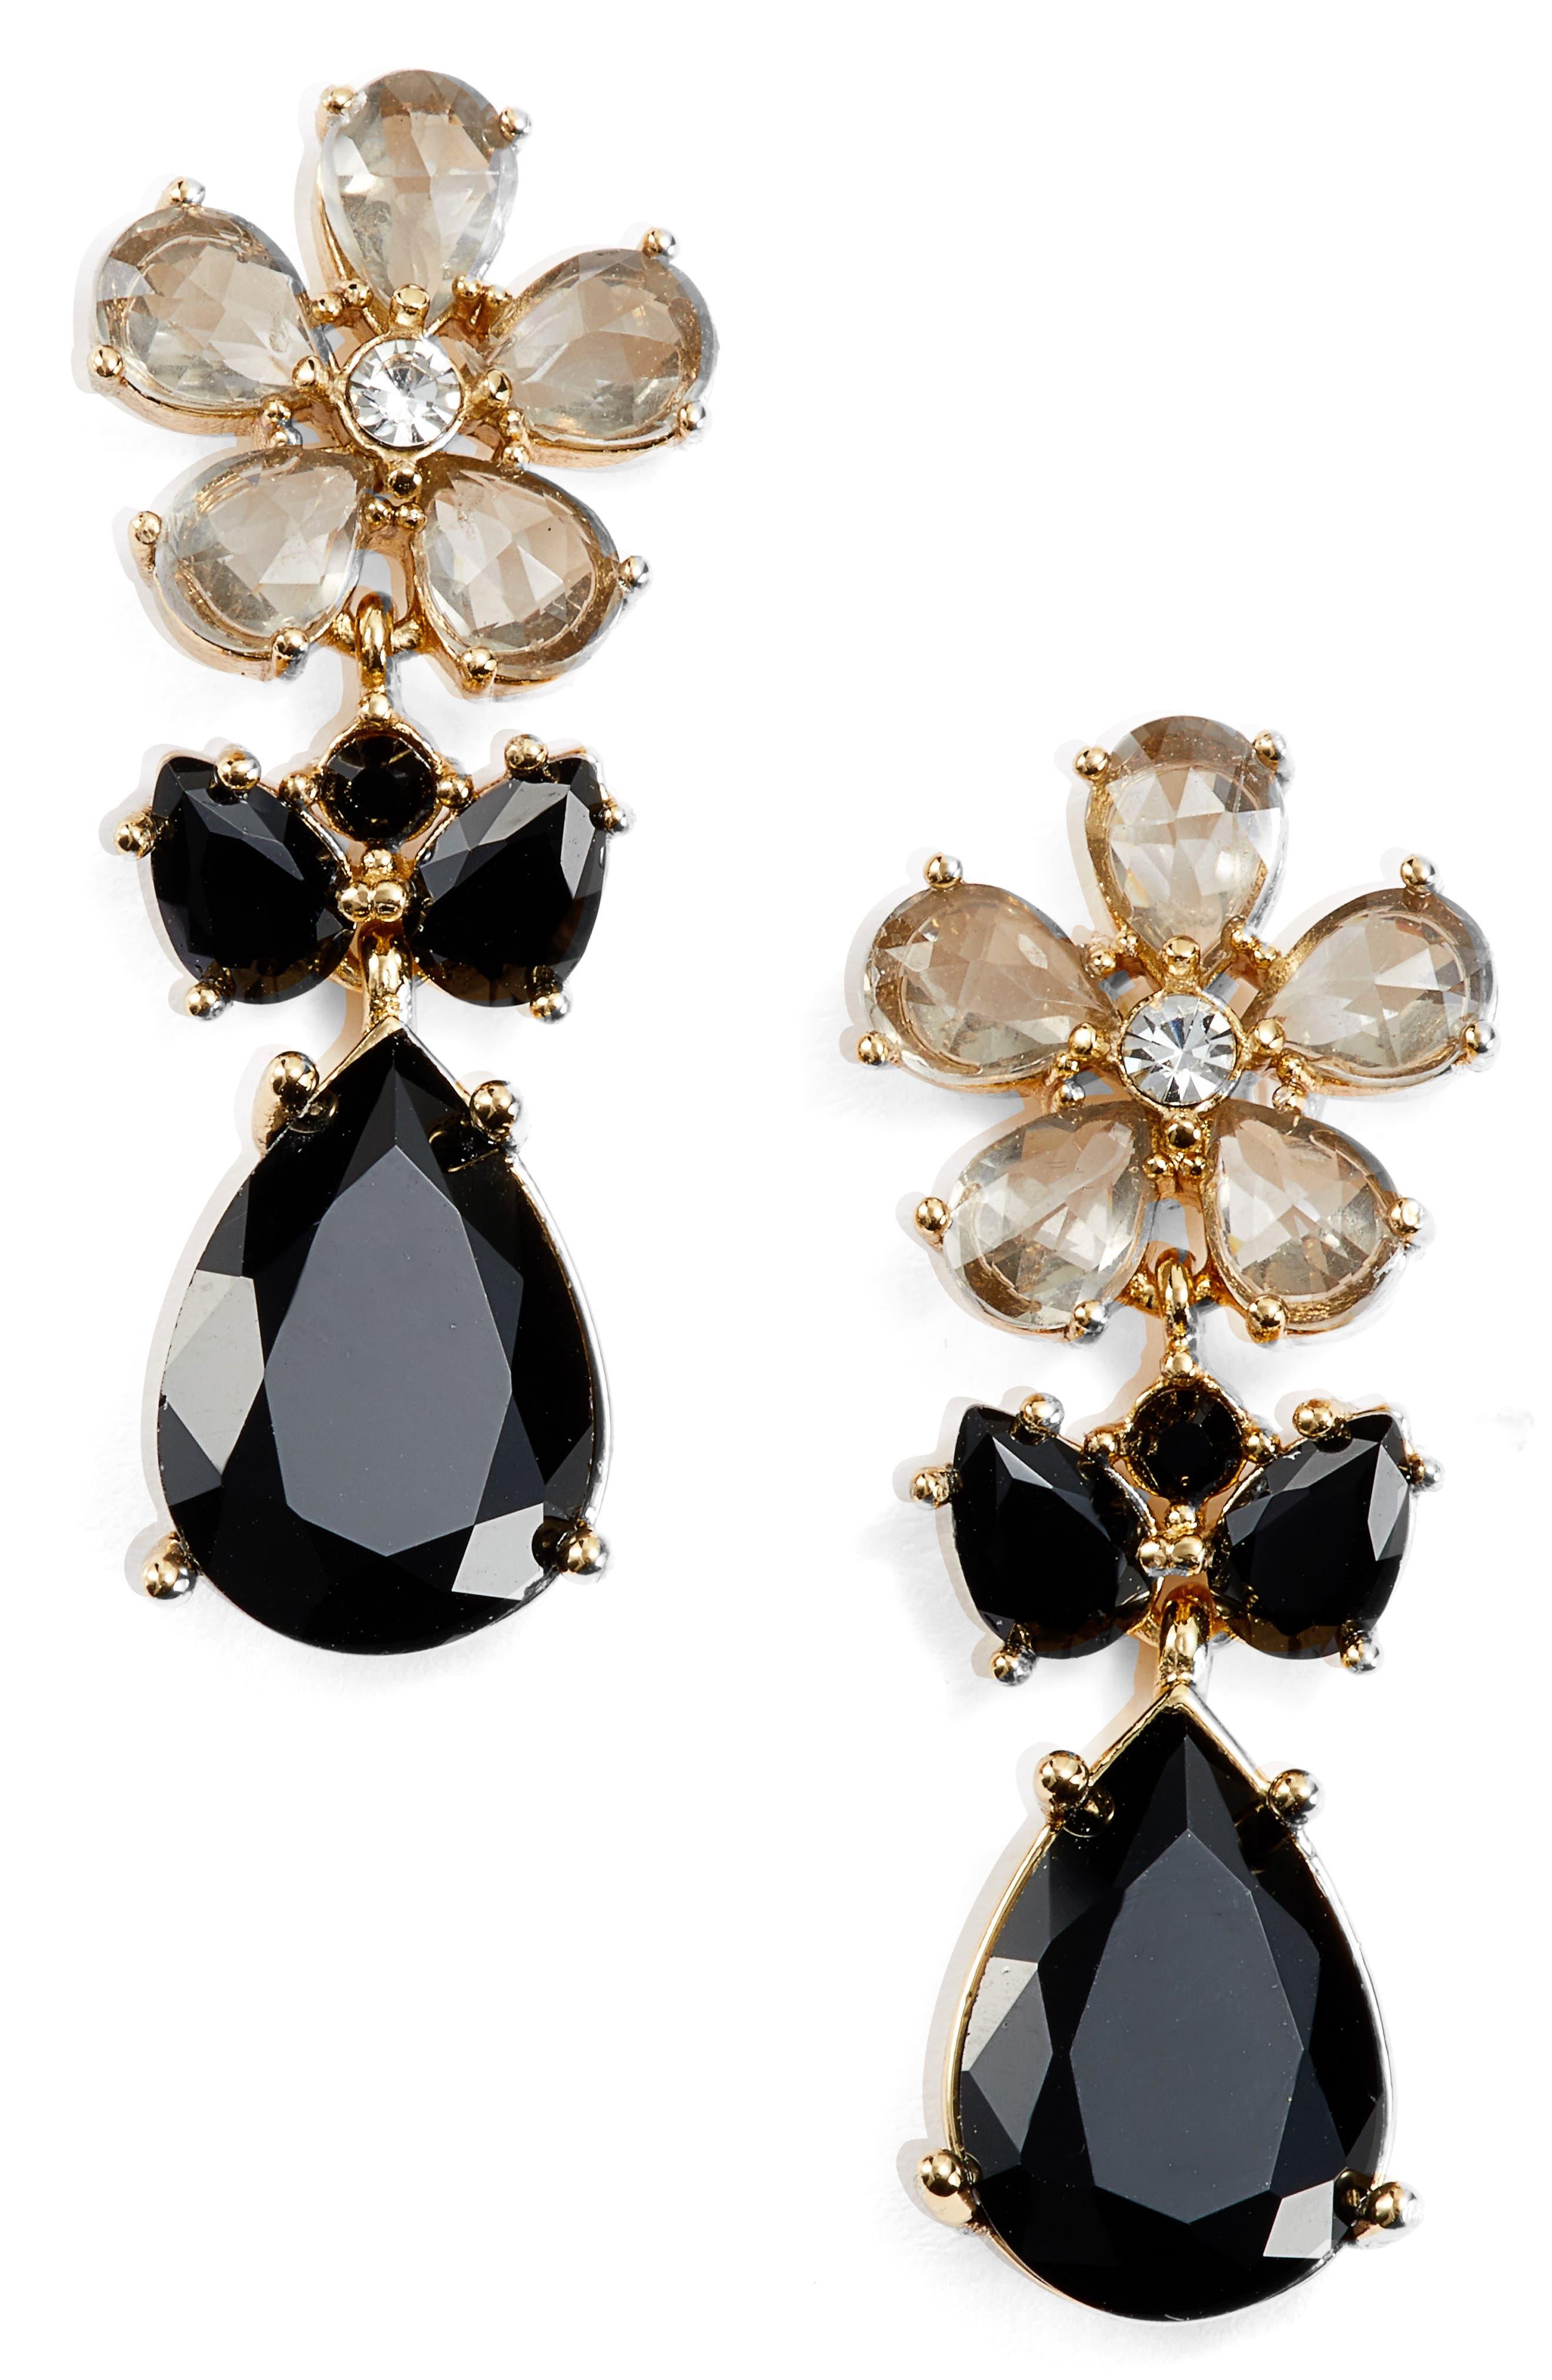 kate spade new york in full bloom cluster drop earrings